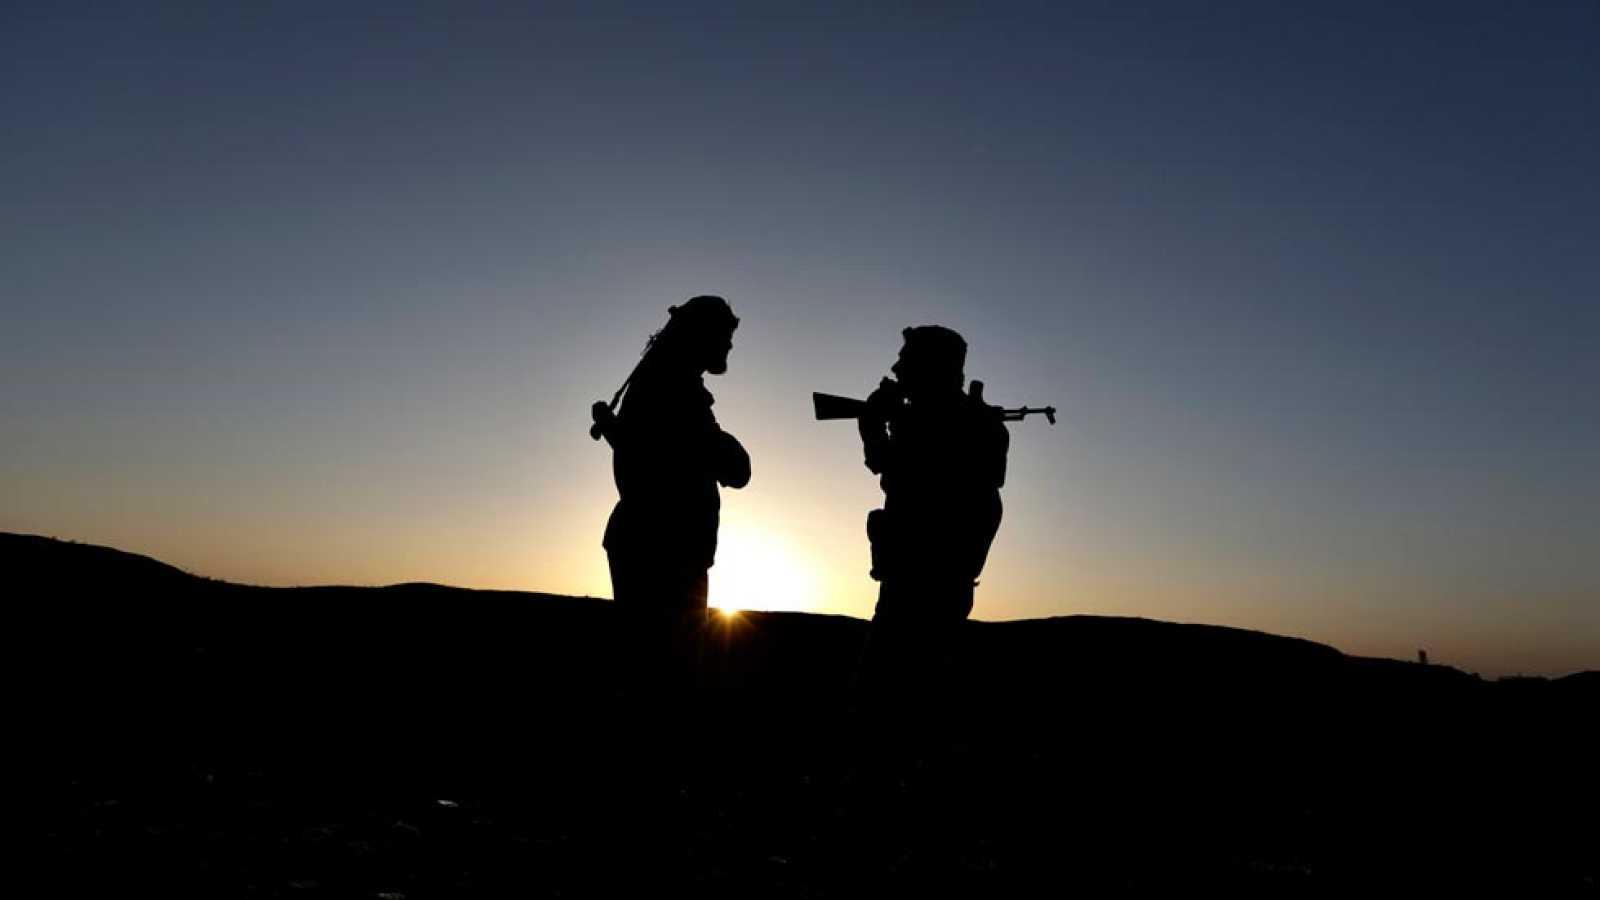 Quinto aniversario de la guerra en Siria, un conflicto que ha causado casi 300.000 muertos